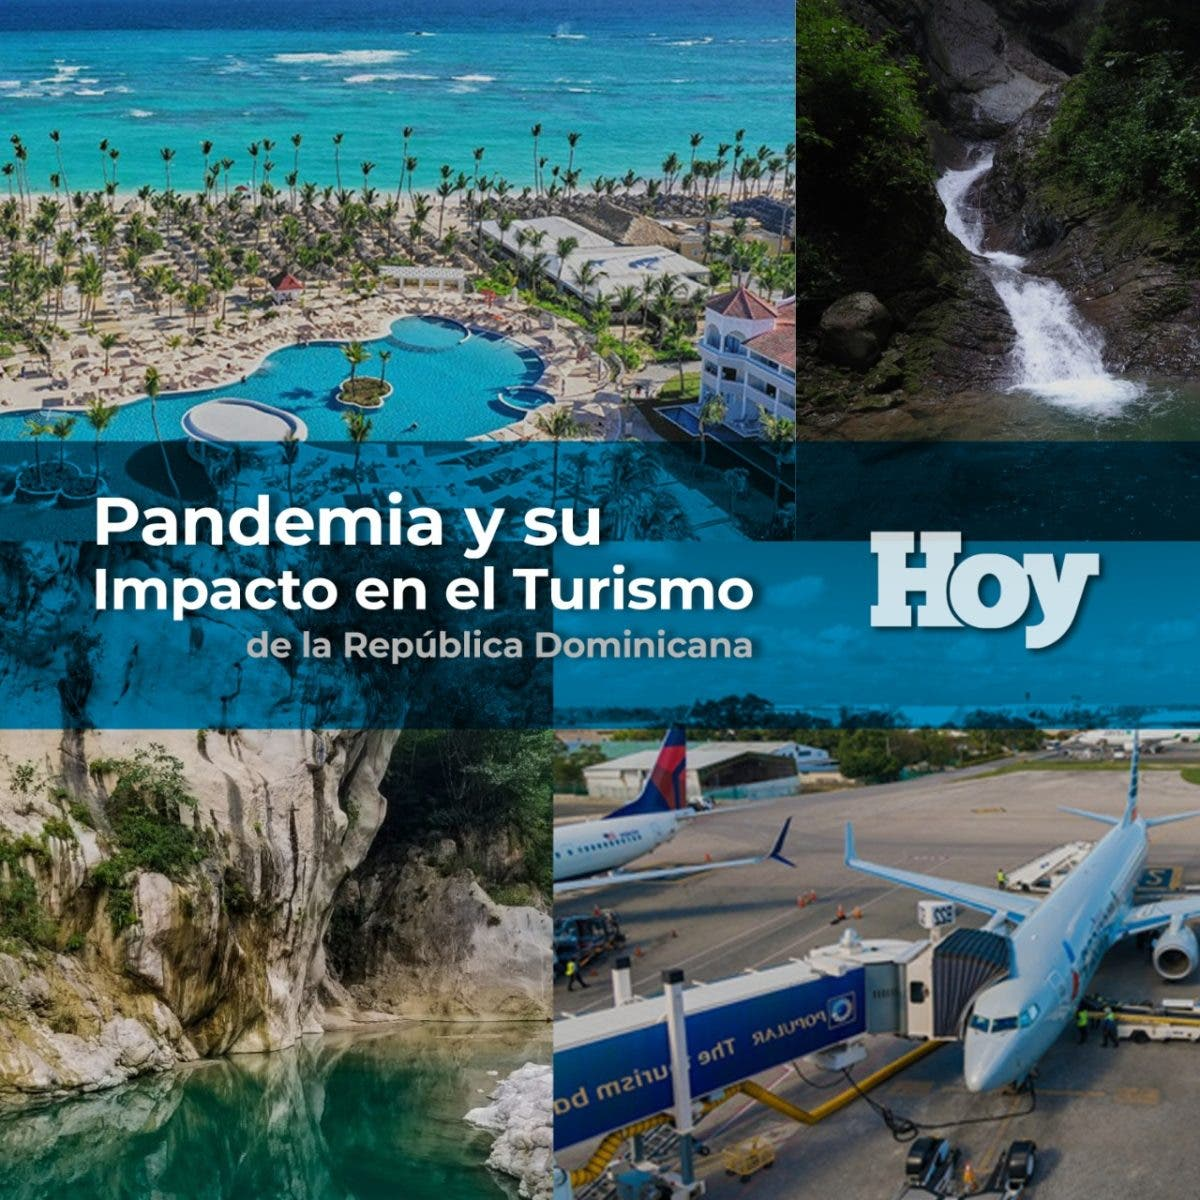 Pandemia y su impacto en el turismo de la República Dominicana